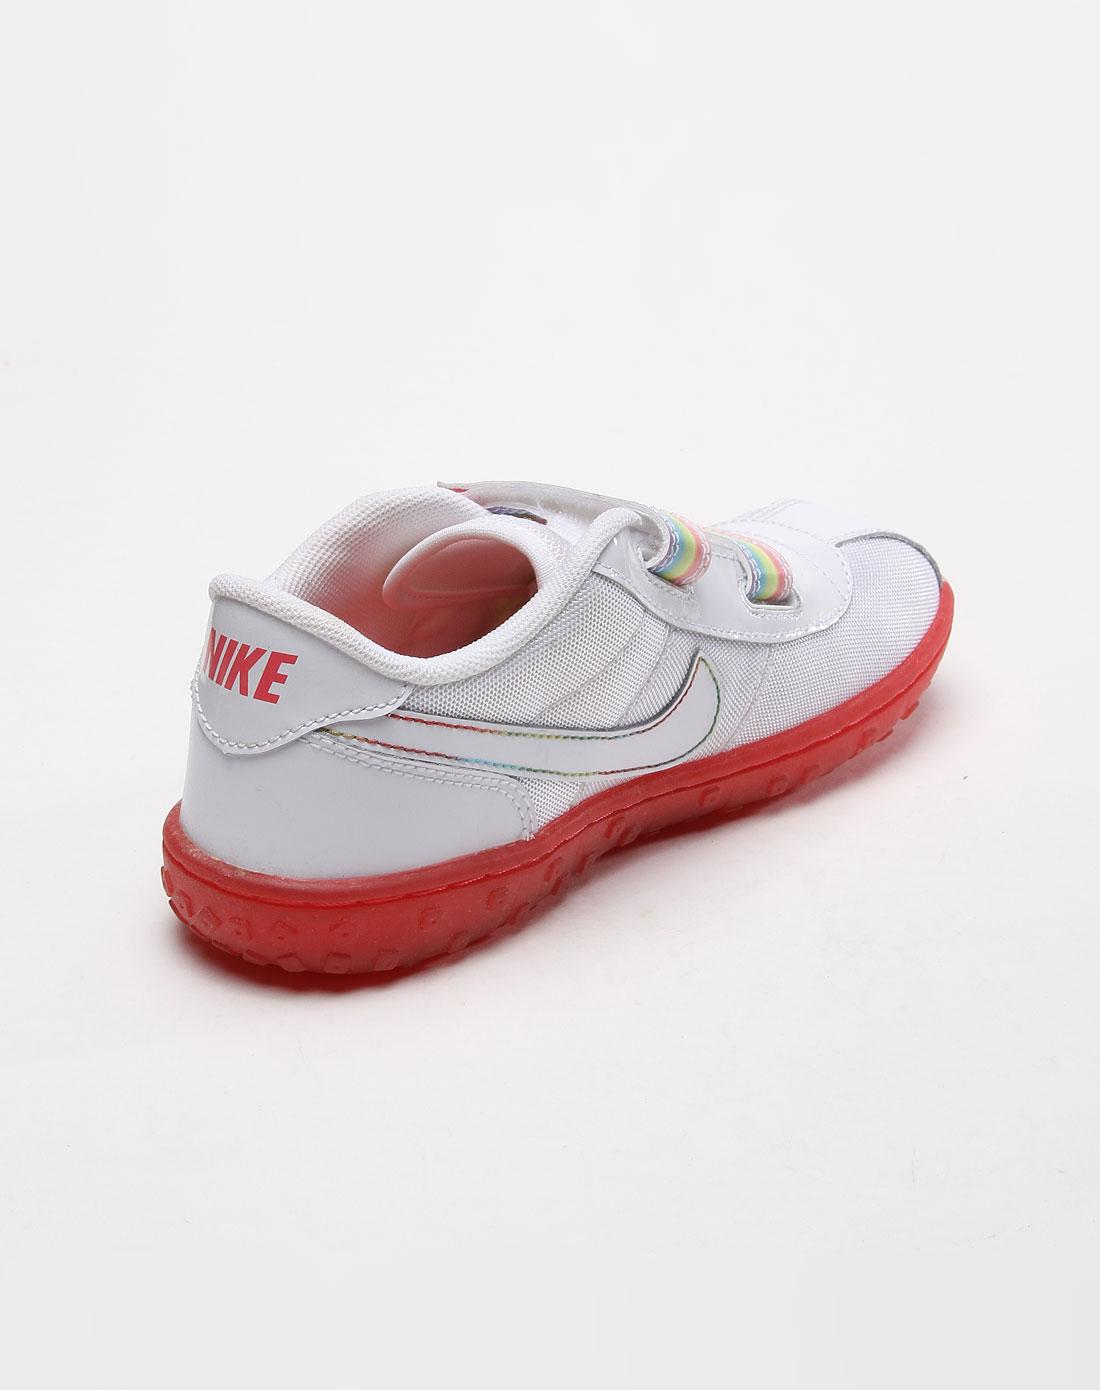 耐克nike 儿童魔术贴红底白色休闲鞋